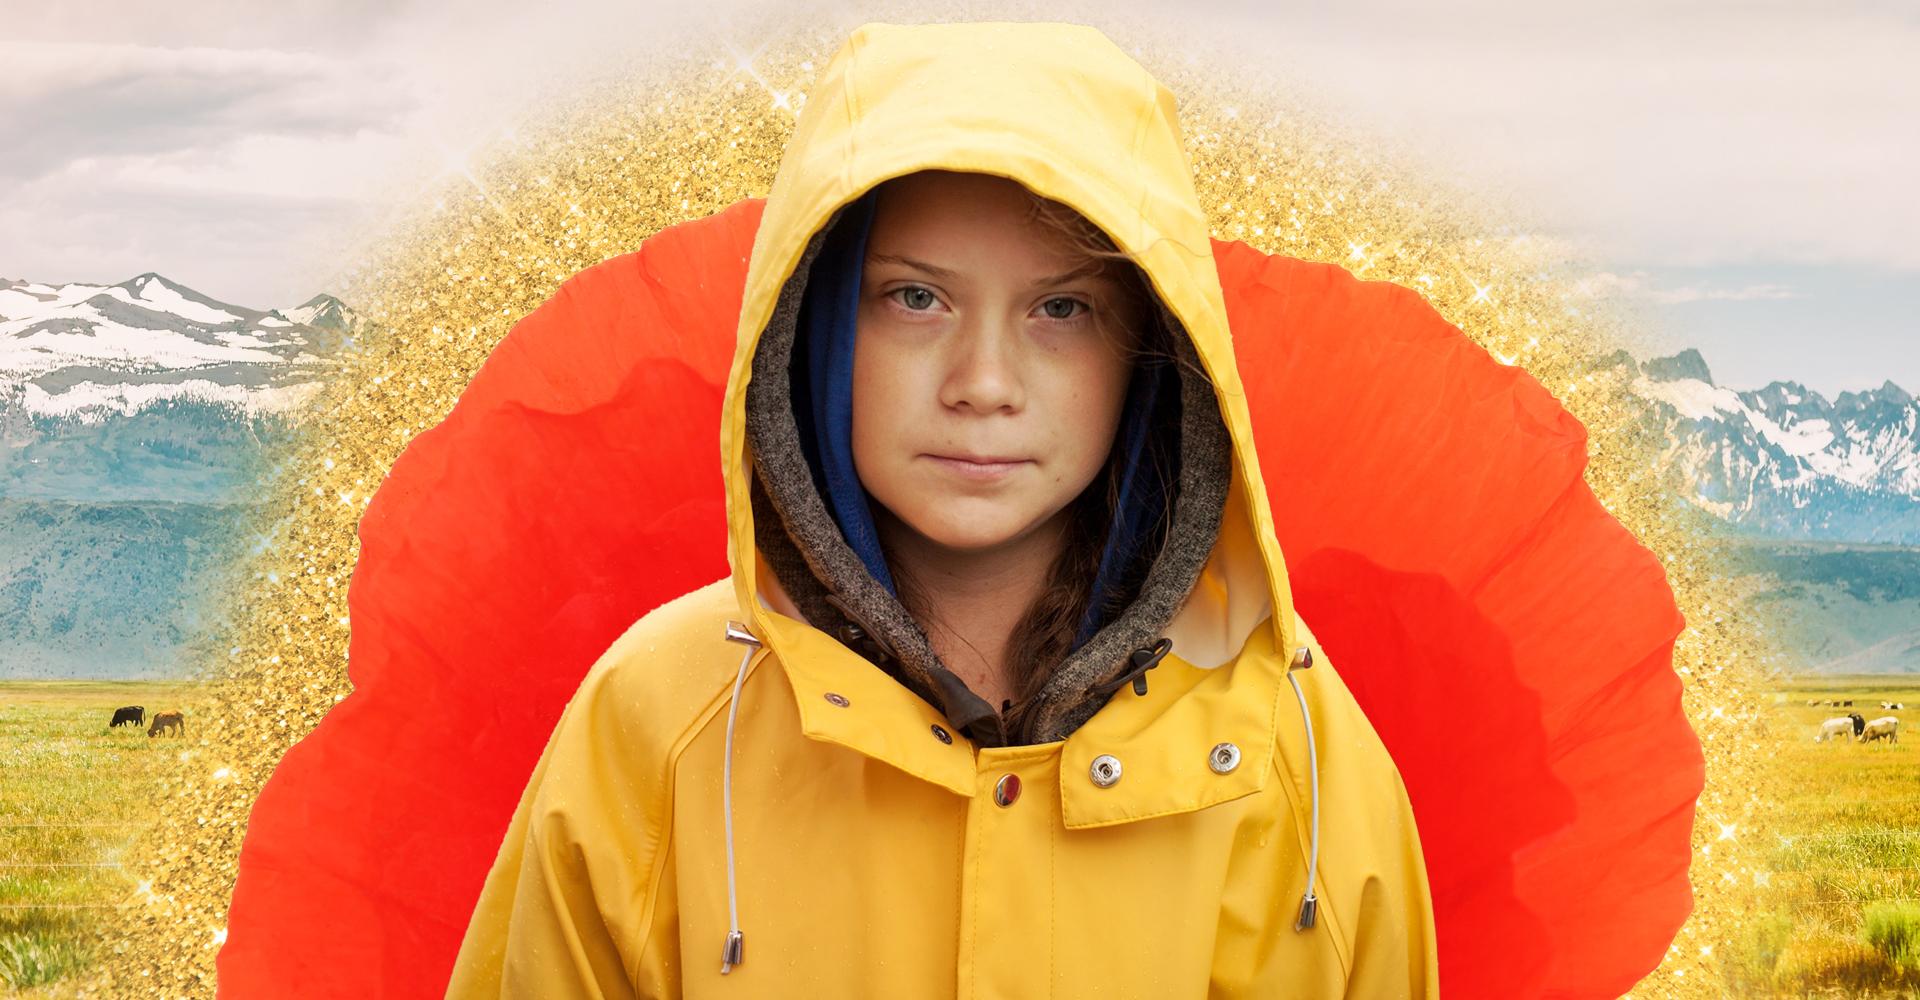 Greta Thunberg, chi è la ragazzina che vuole salvare il mondo dal disastro ambientale